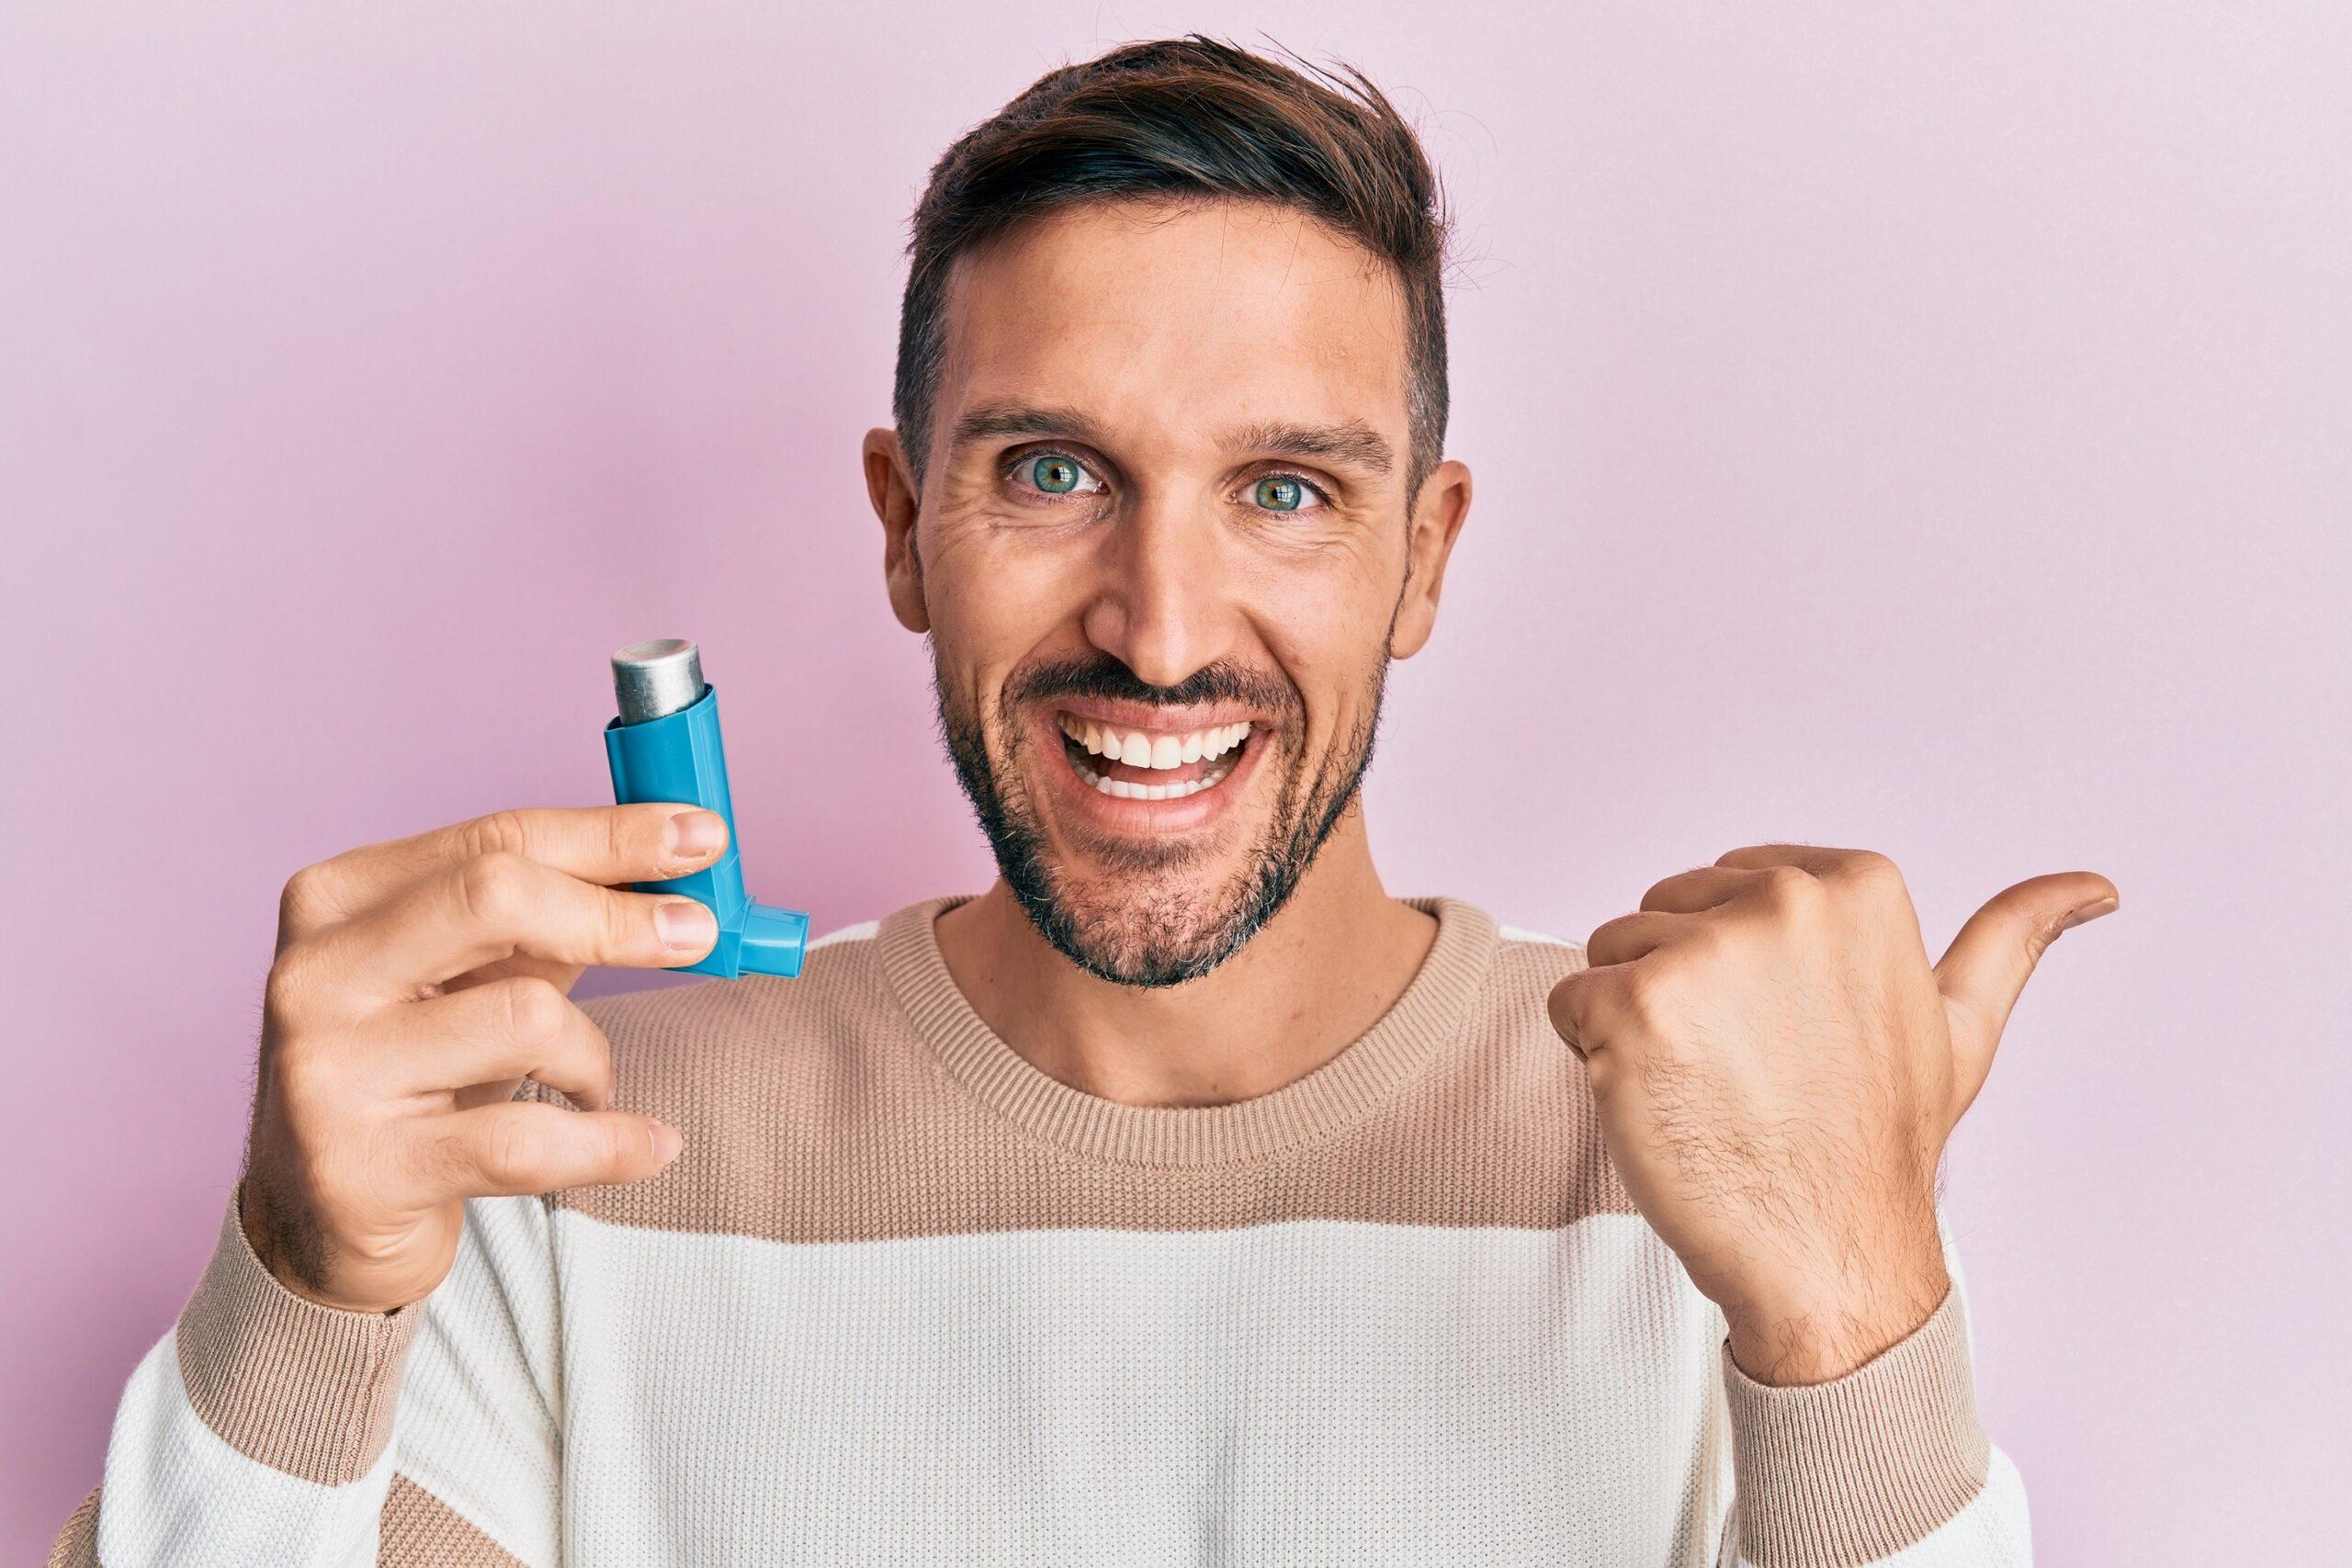 COVID-19-Forschung: Asthmaspray verhindert schweren Verlauf - Heilpraxisnet.de